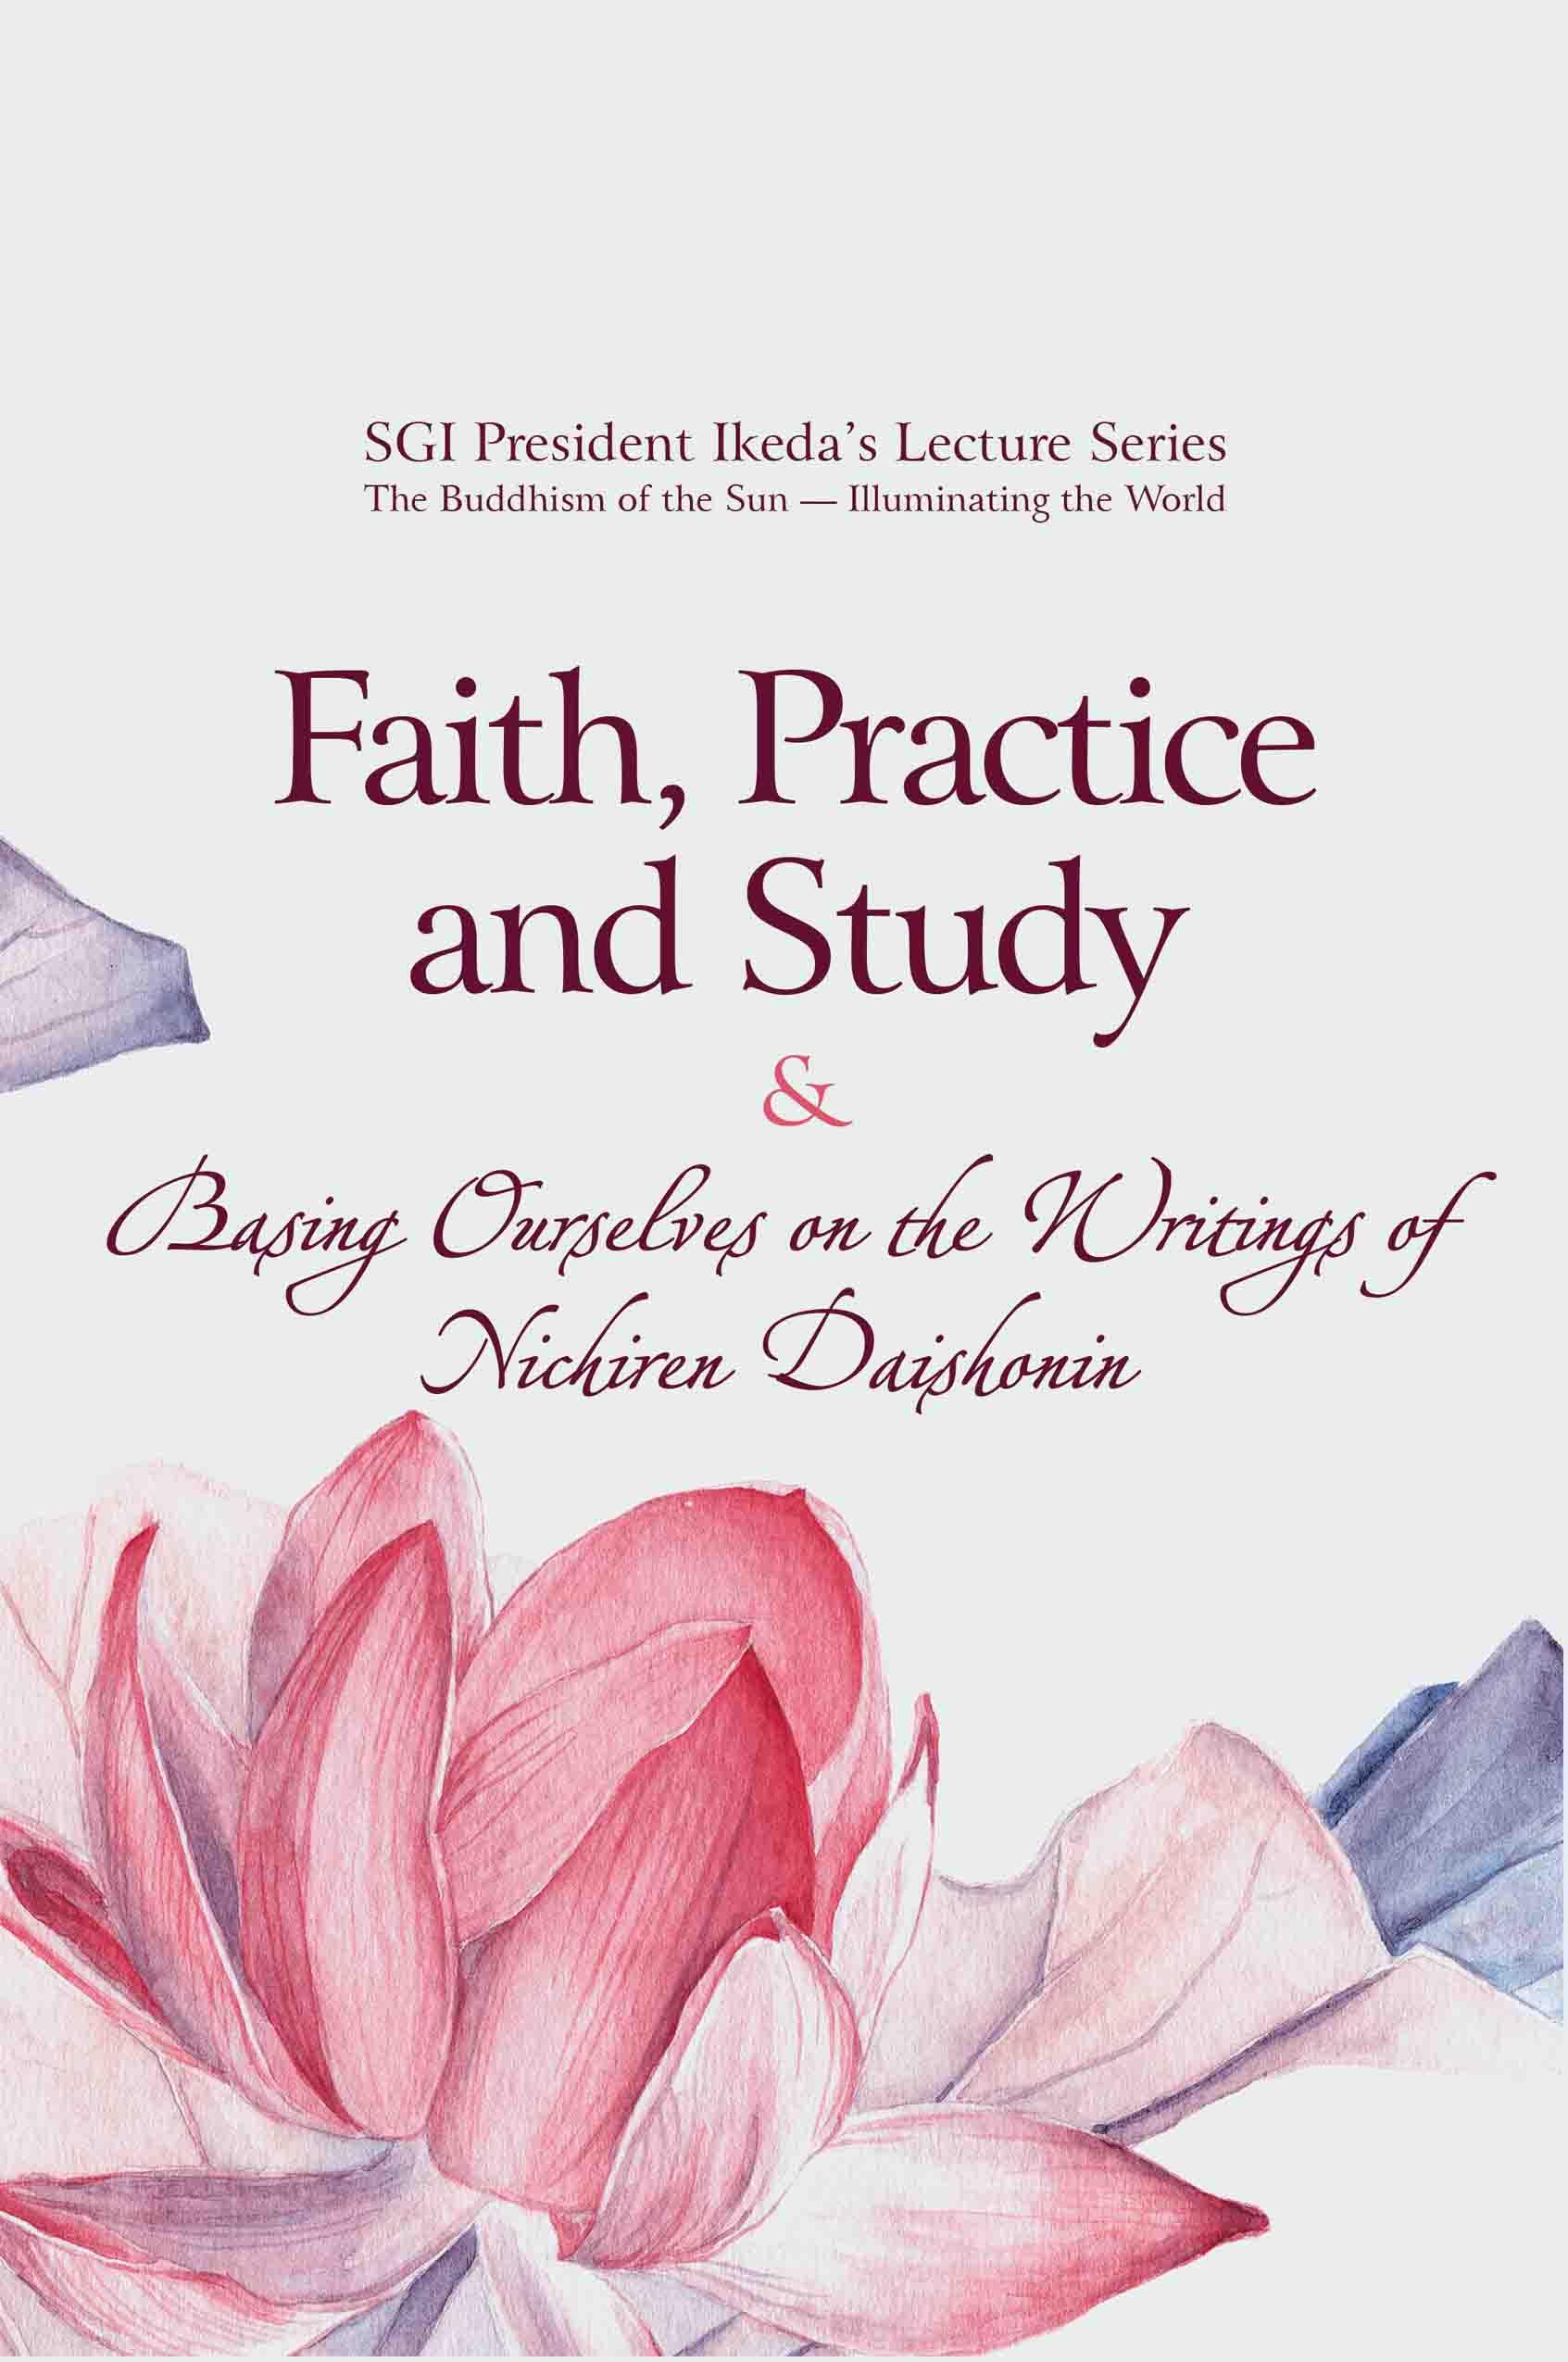 Faith Practice & Study